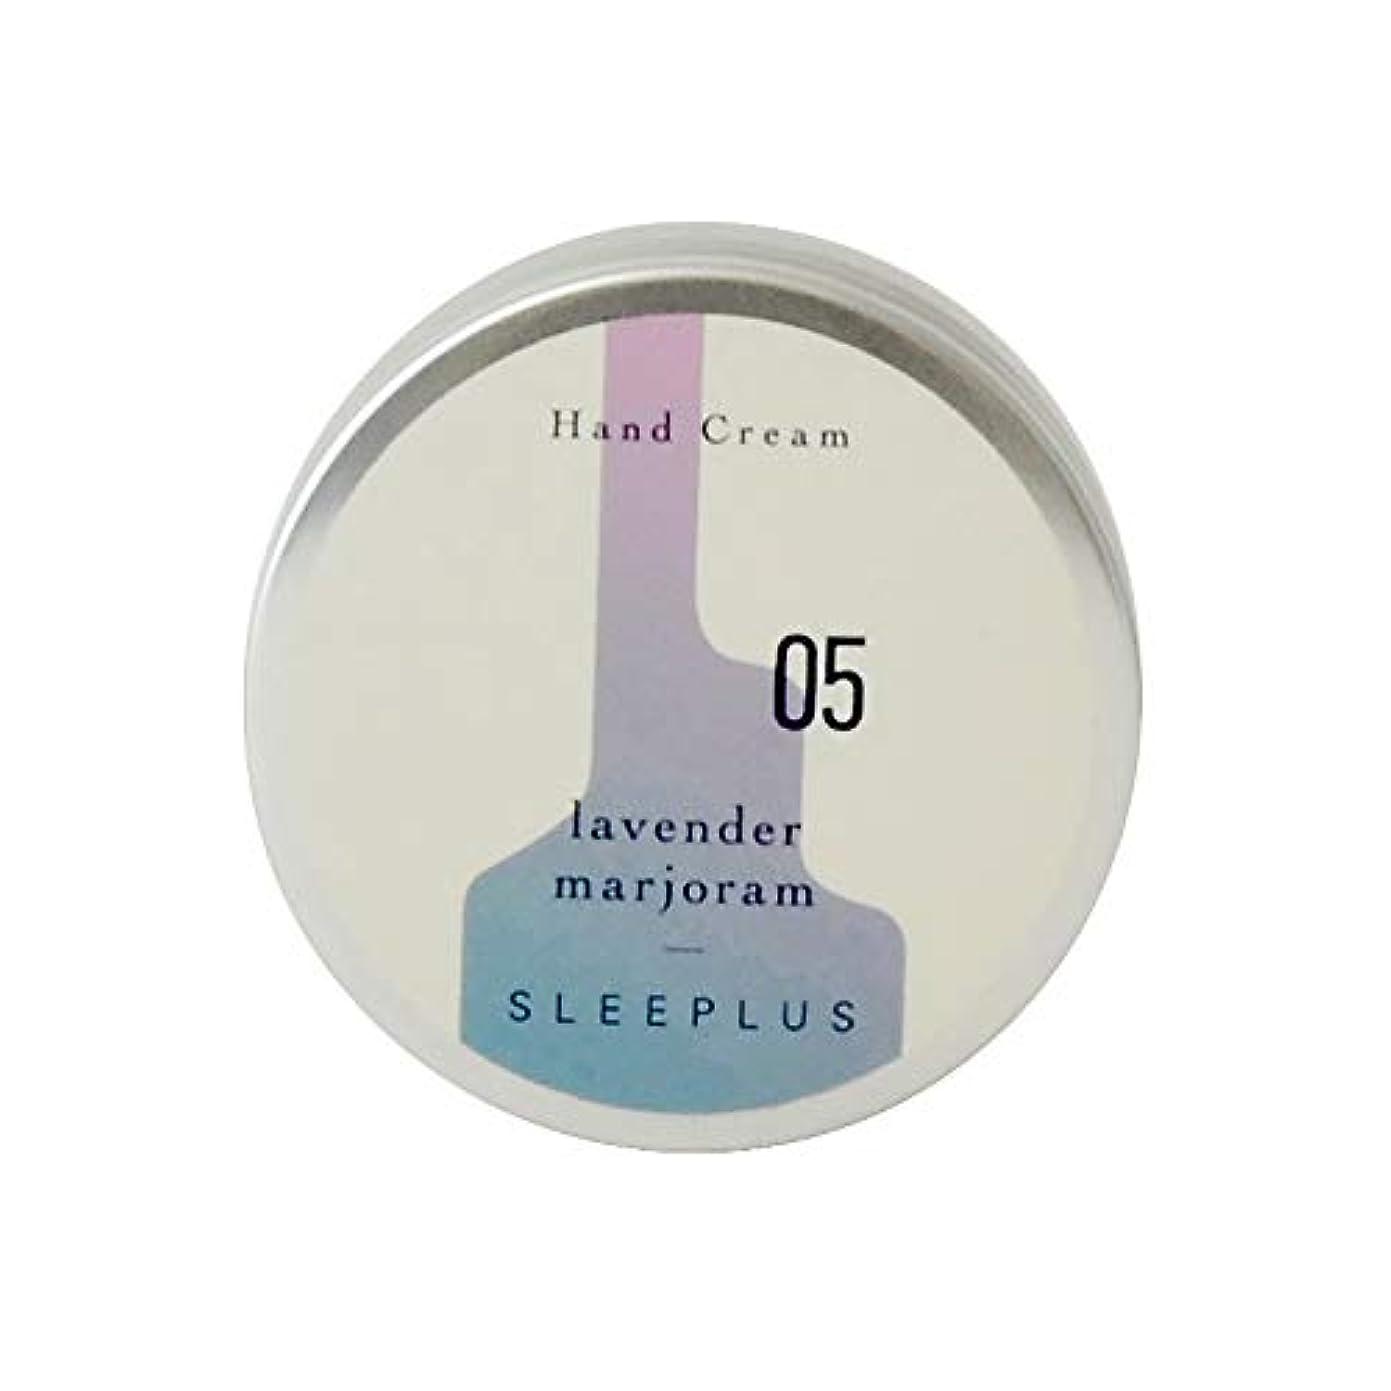 判定酔っ払い文献Heavenly Aroom ハンドクリーム SLEEPLUS 05 ラベンダーマージョラム 75g